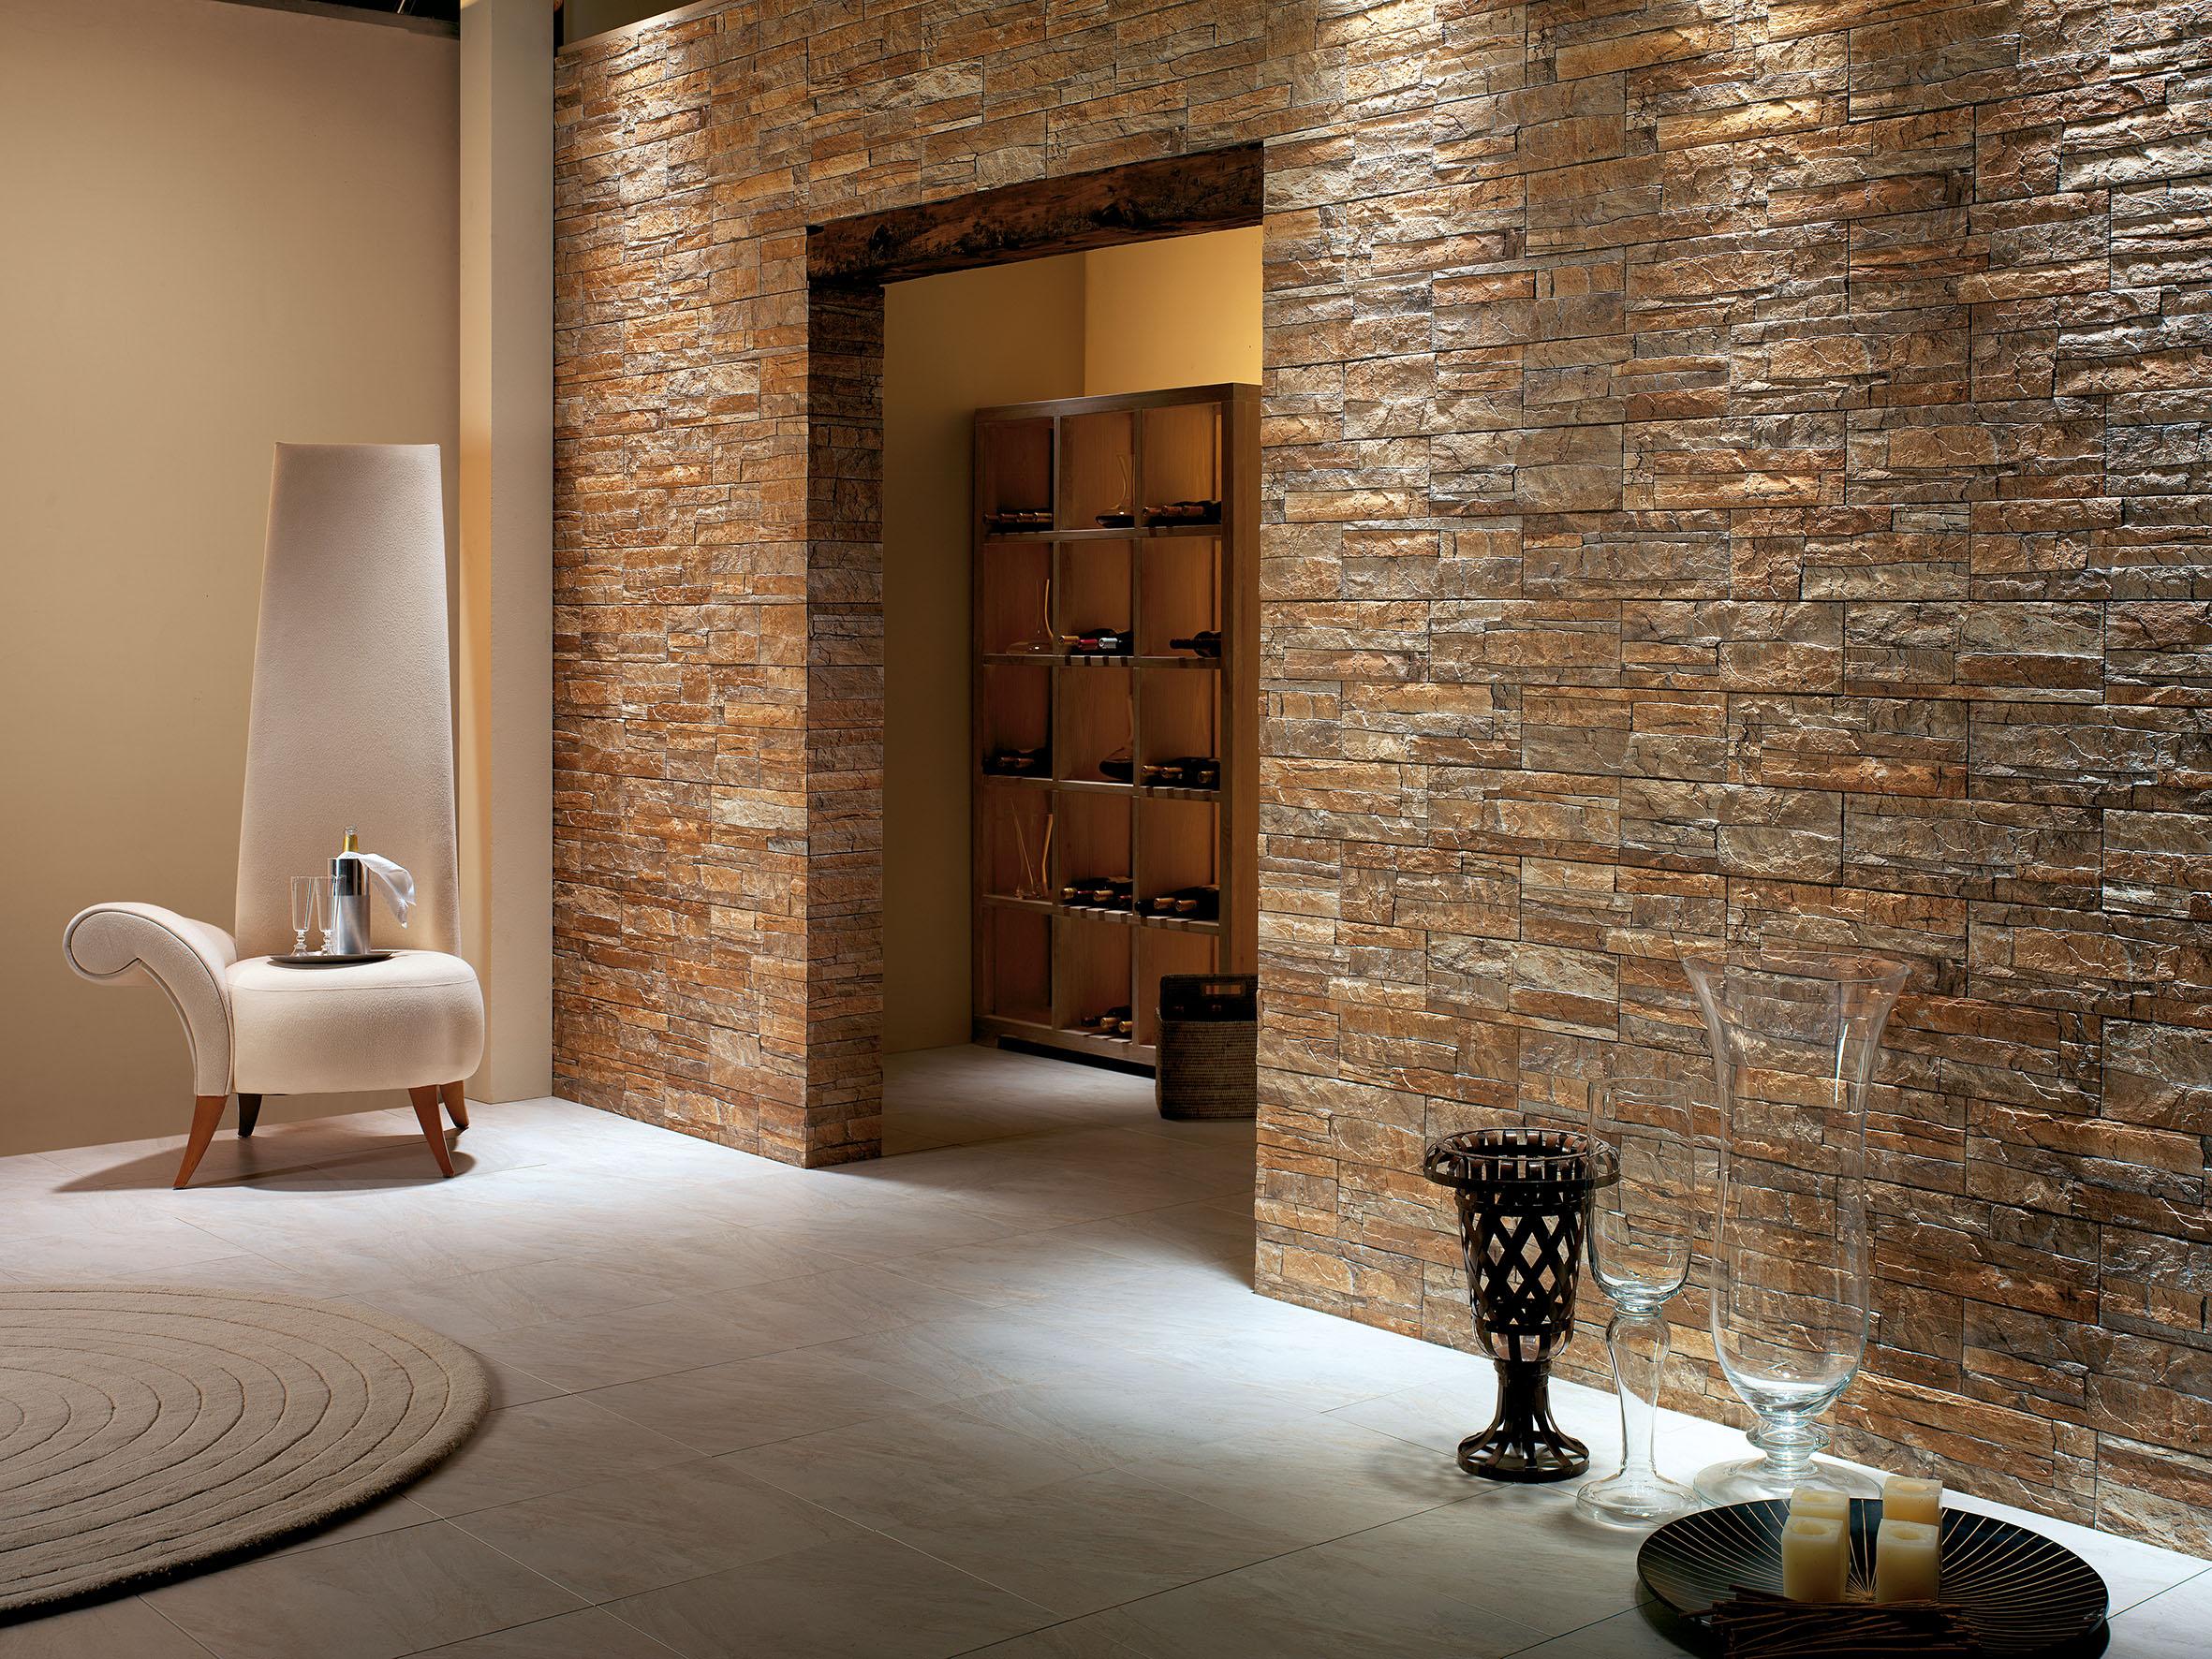 керамическая плитка под камень для стен